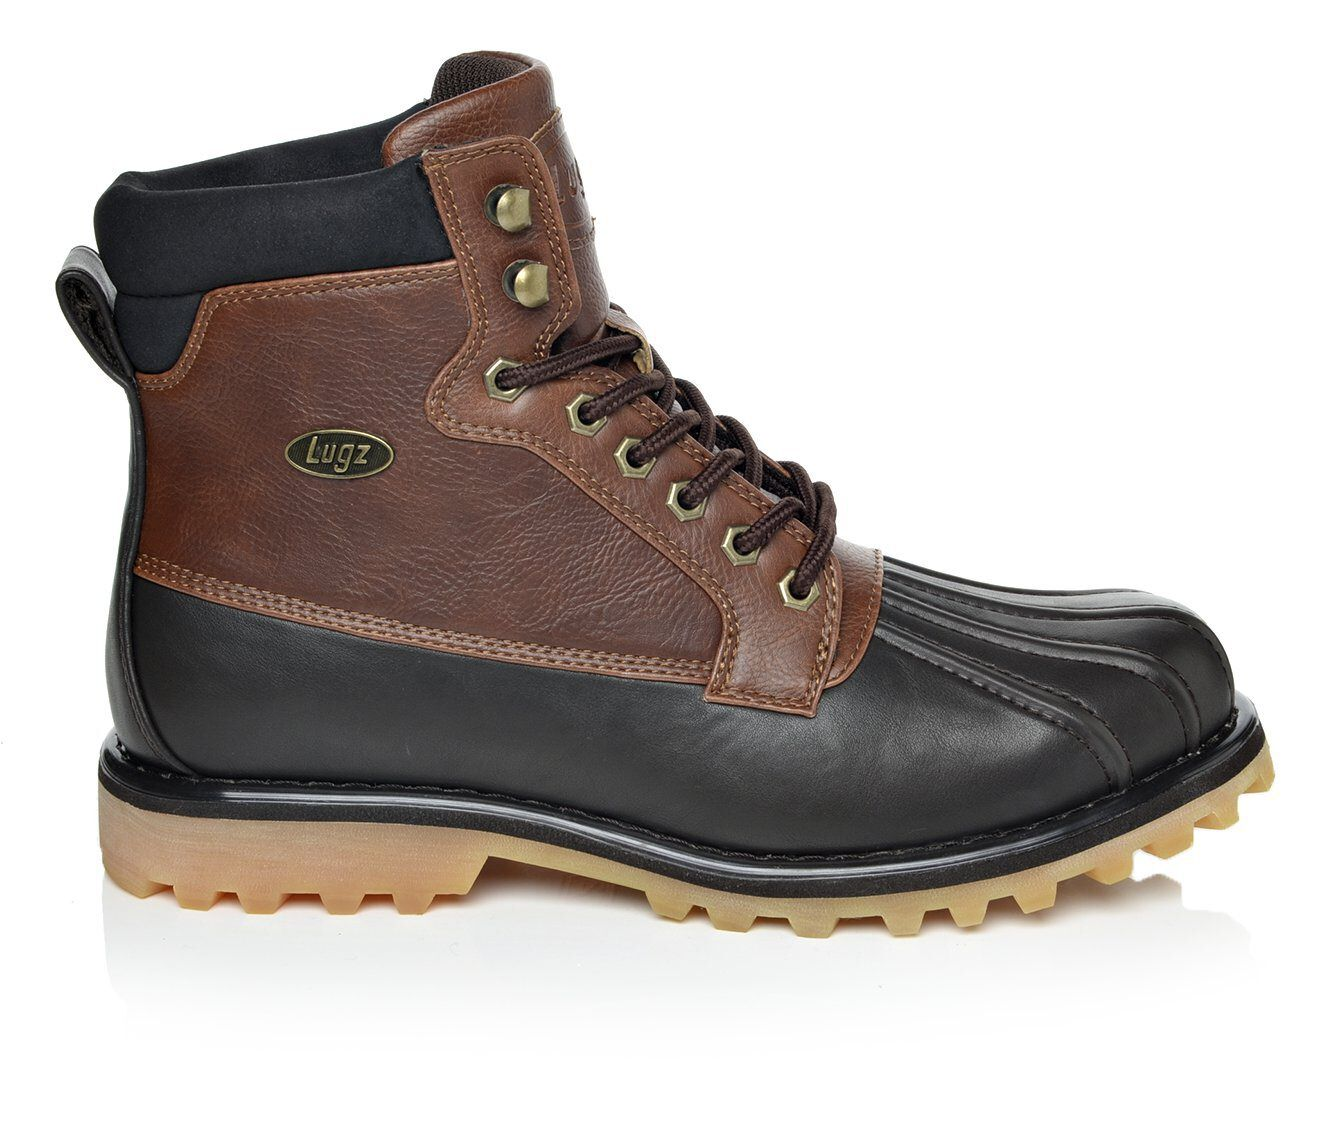 Pre Order Men's Lugz Mallard Duck Boots Dark Brown/Gum